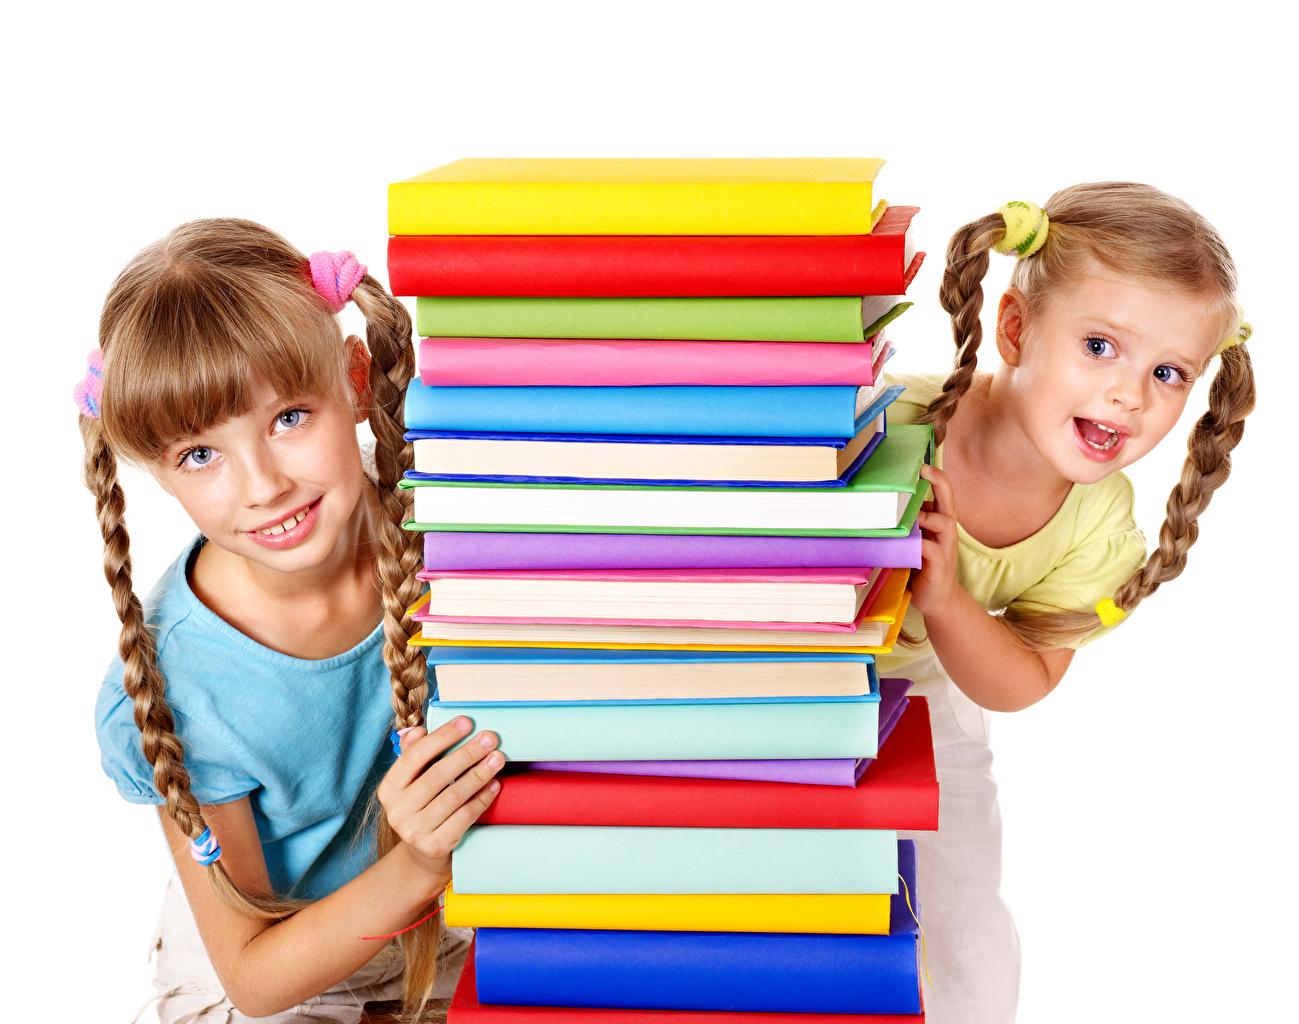 Foto Kleine Mädchen Zopf Kinder 2 Bücher Blick Weißer hintergrund kind Zwei Buch Starren